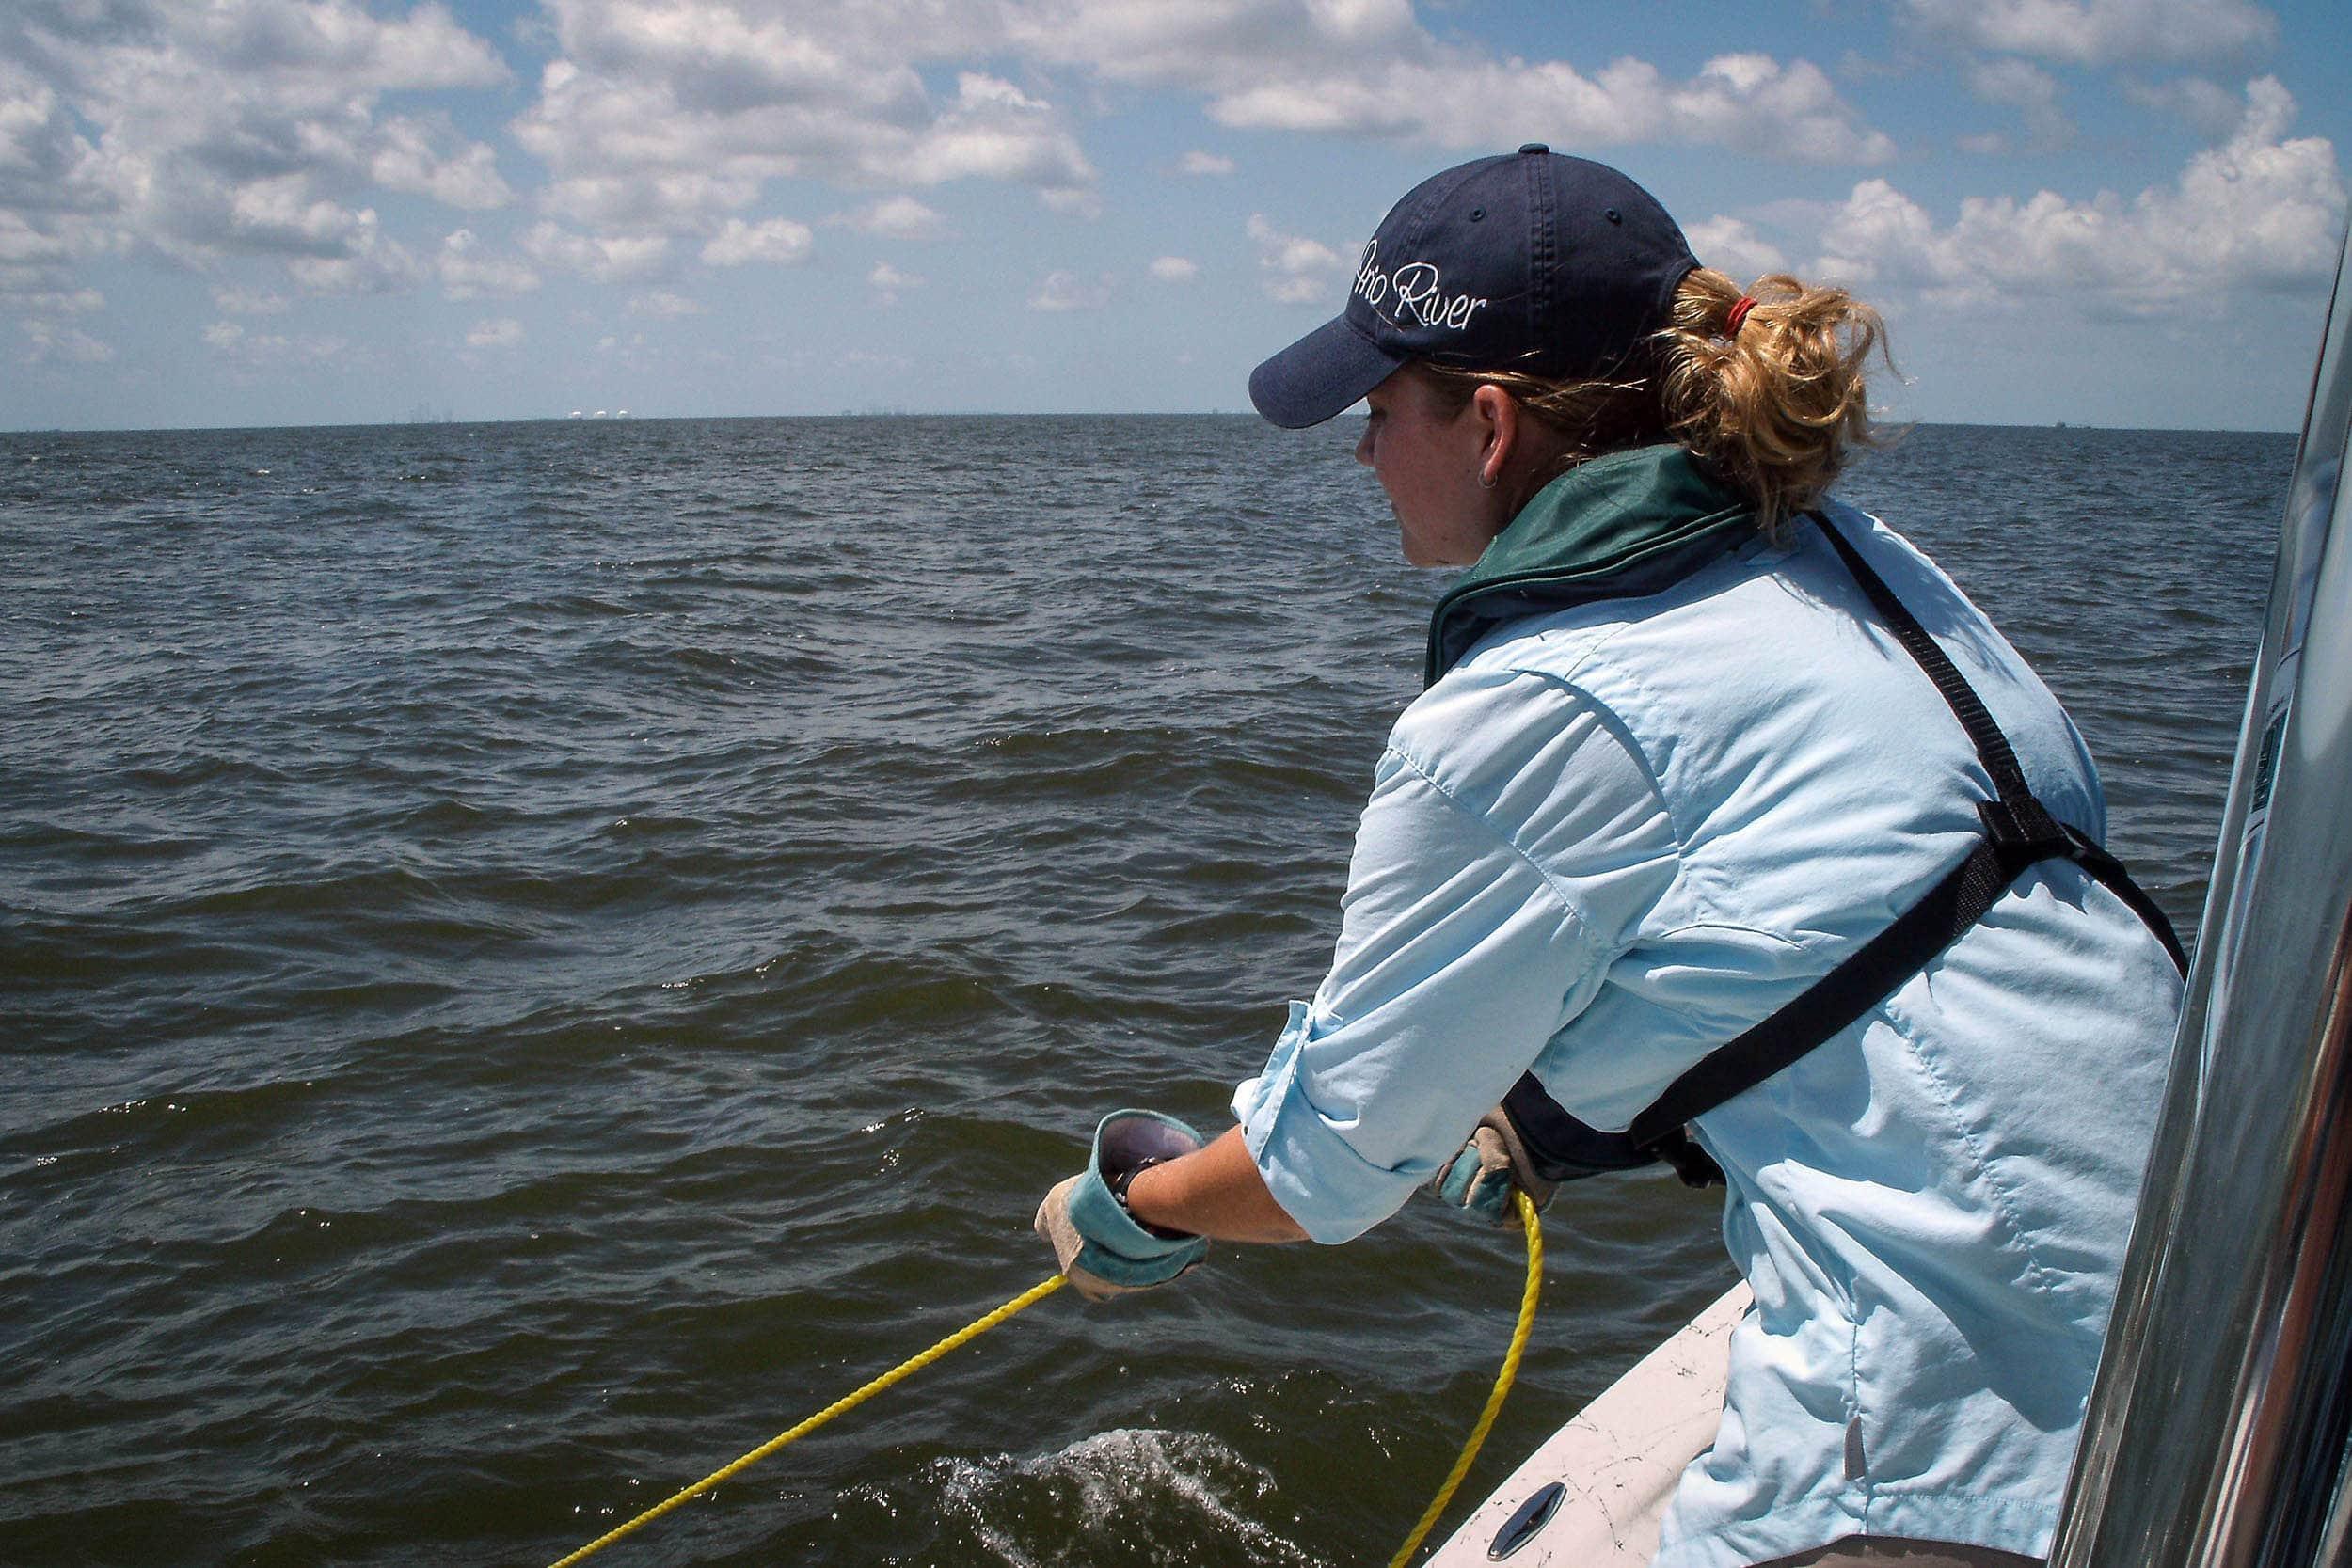 Kristen Vale pulls in a trawl net